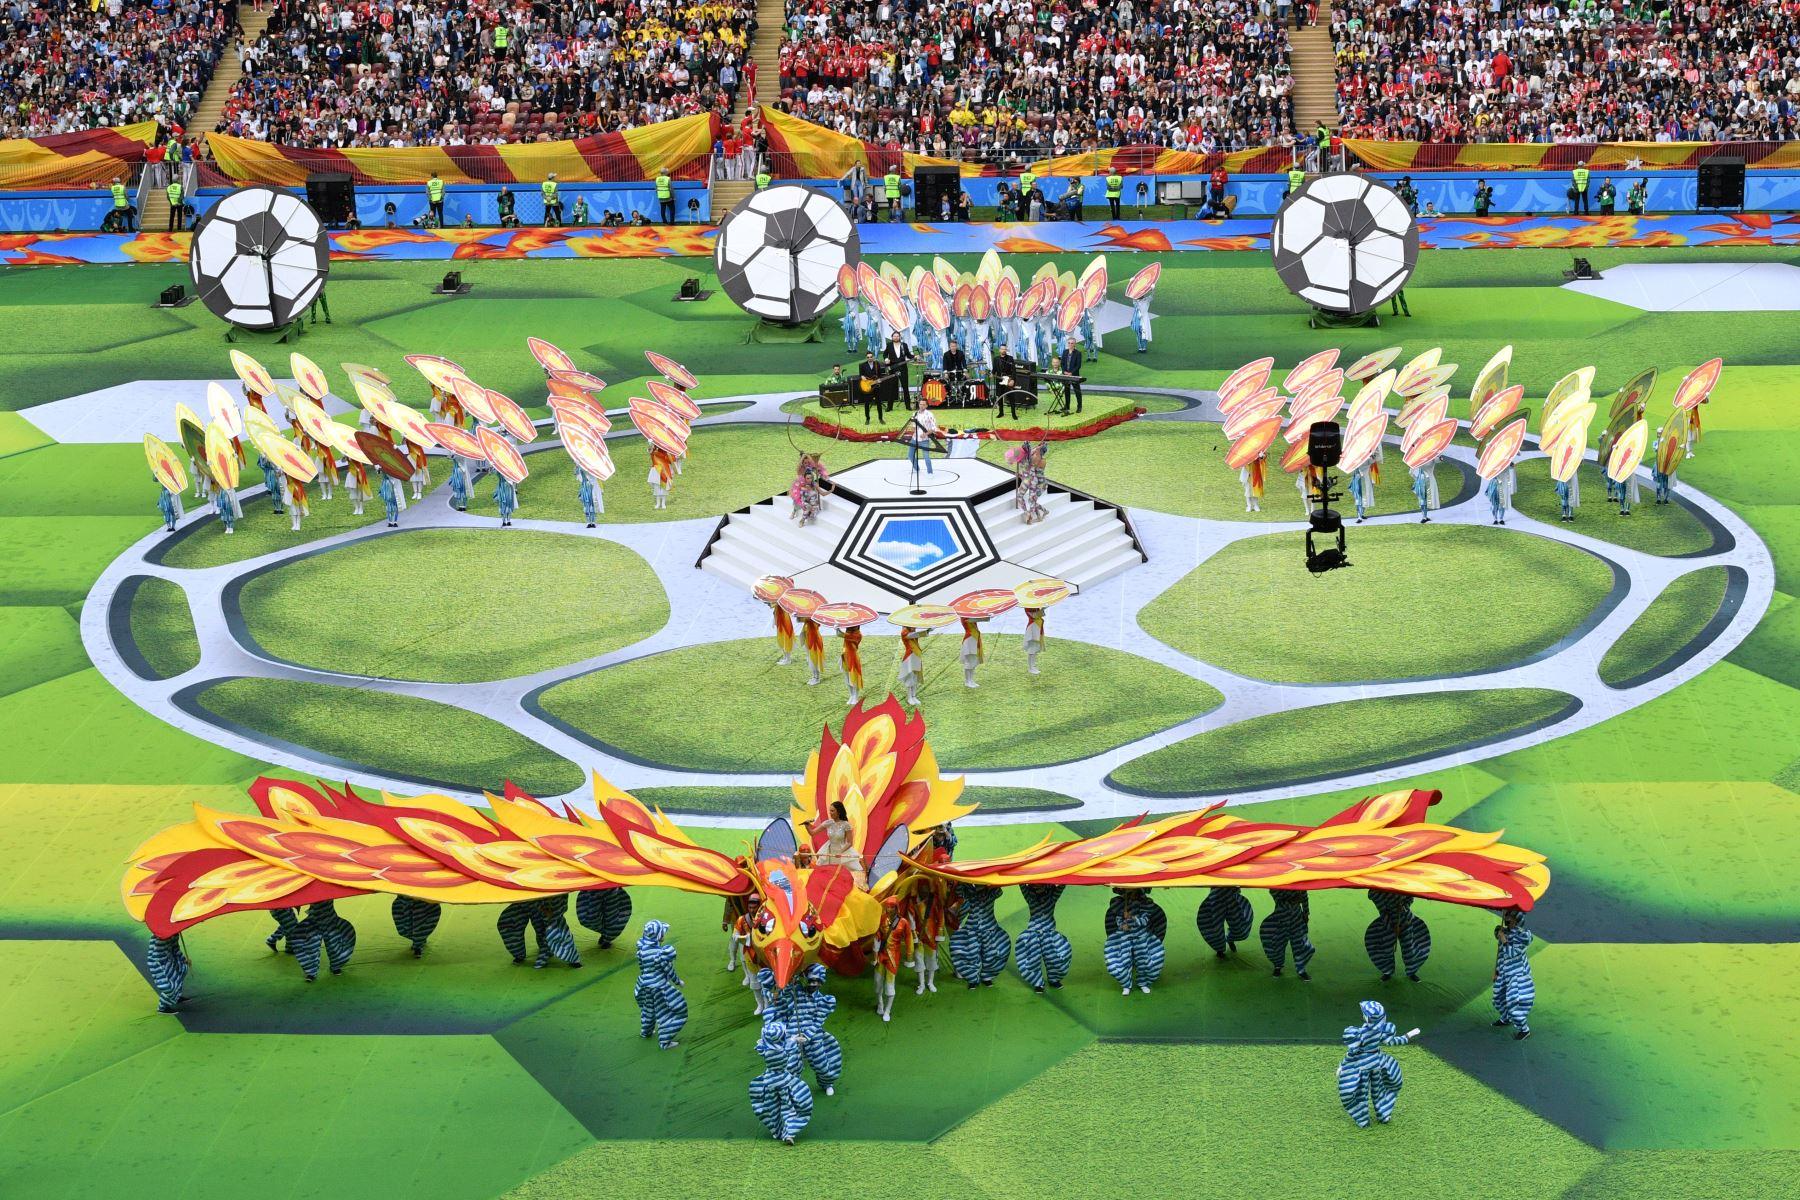 Ceremonia de apertura antes del partido de fútbol de la Copa Mundial Rusia 2018 A entre Rusia y Arabia Saudita en el Estadio Luzhniki de Moscú. AFP